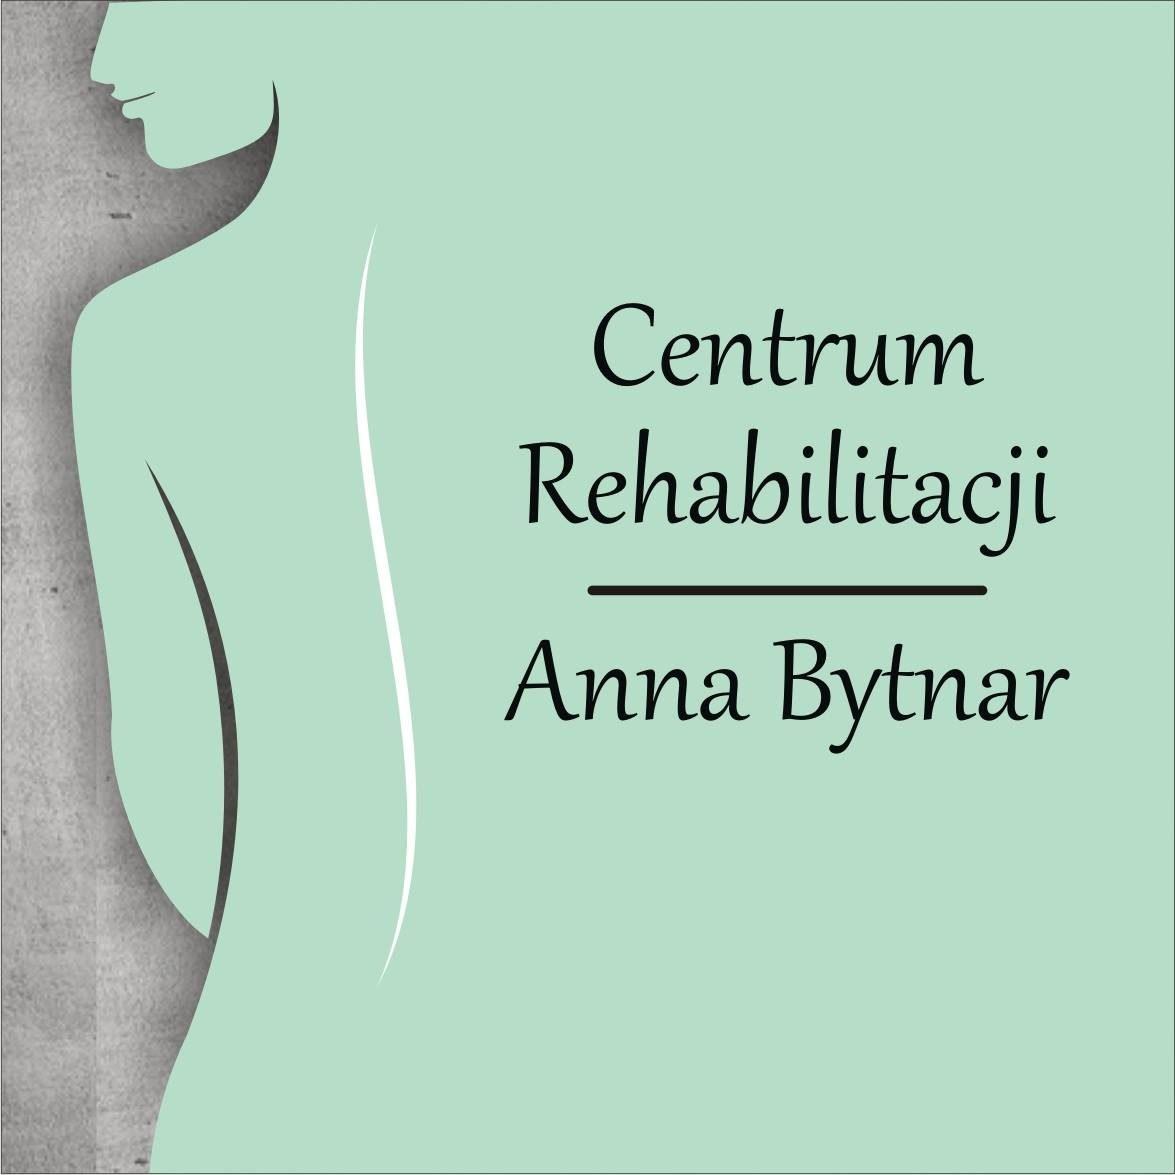 Centrum Rehabilitacji Anna Bytnar